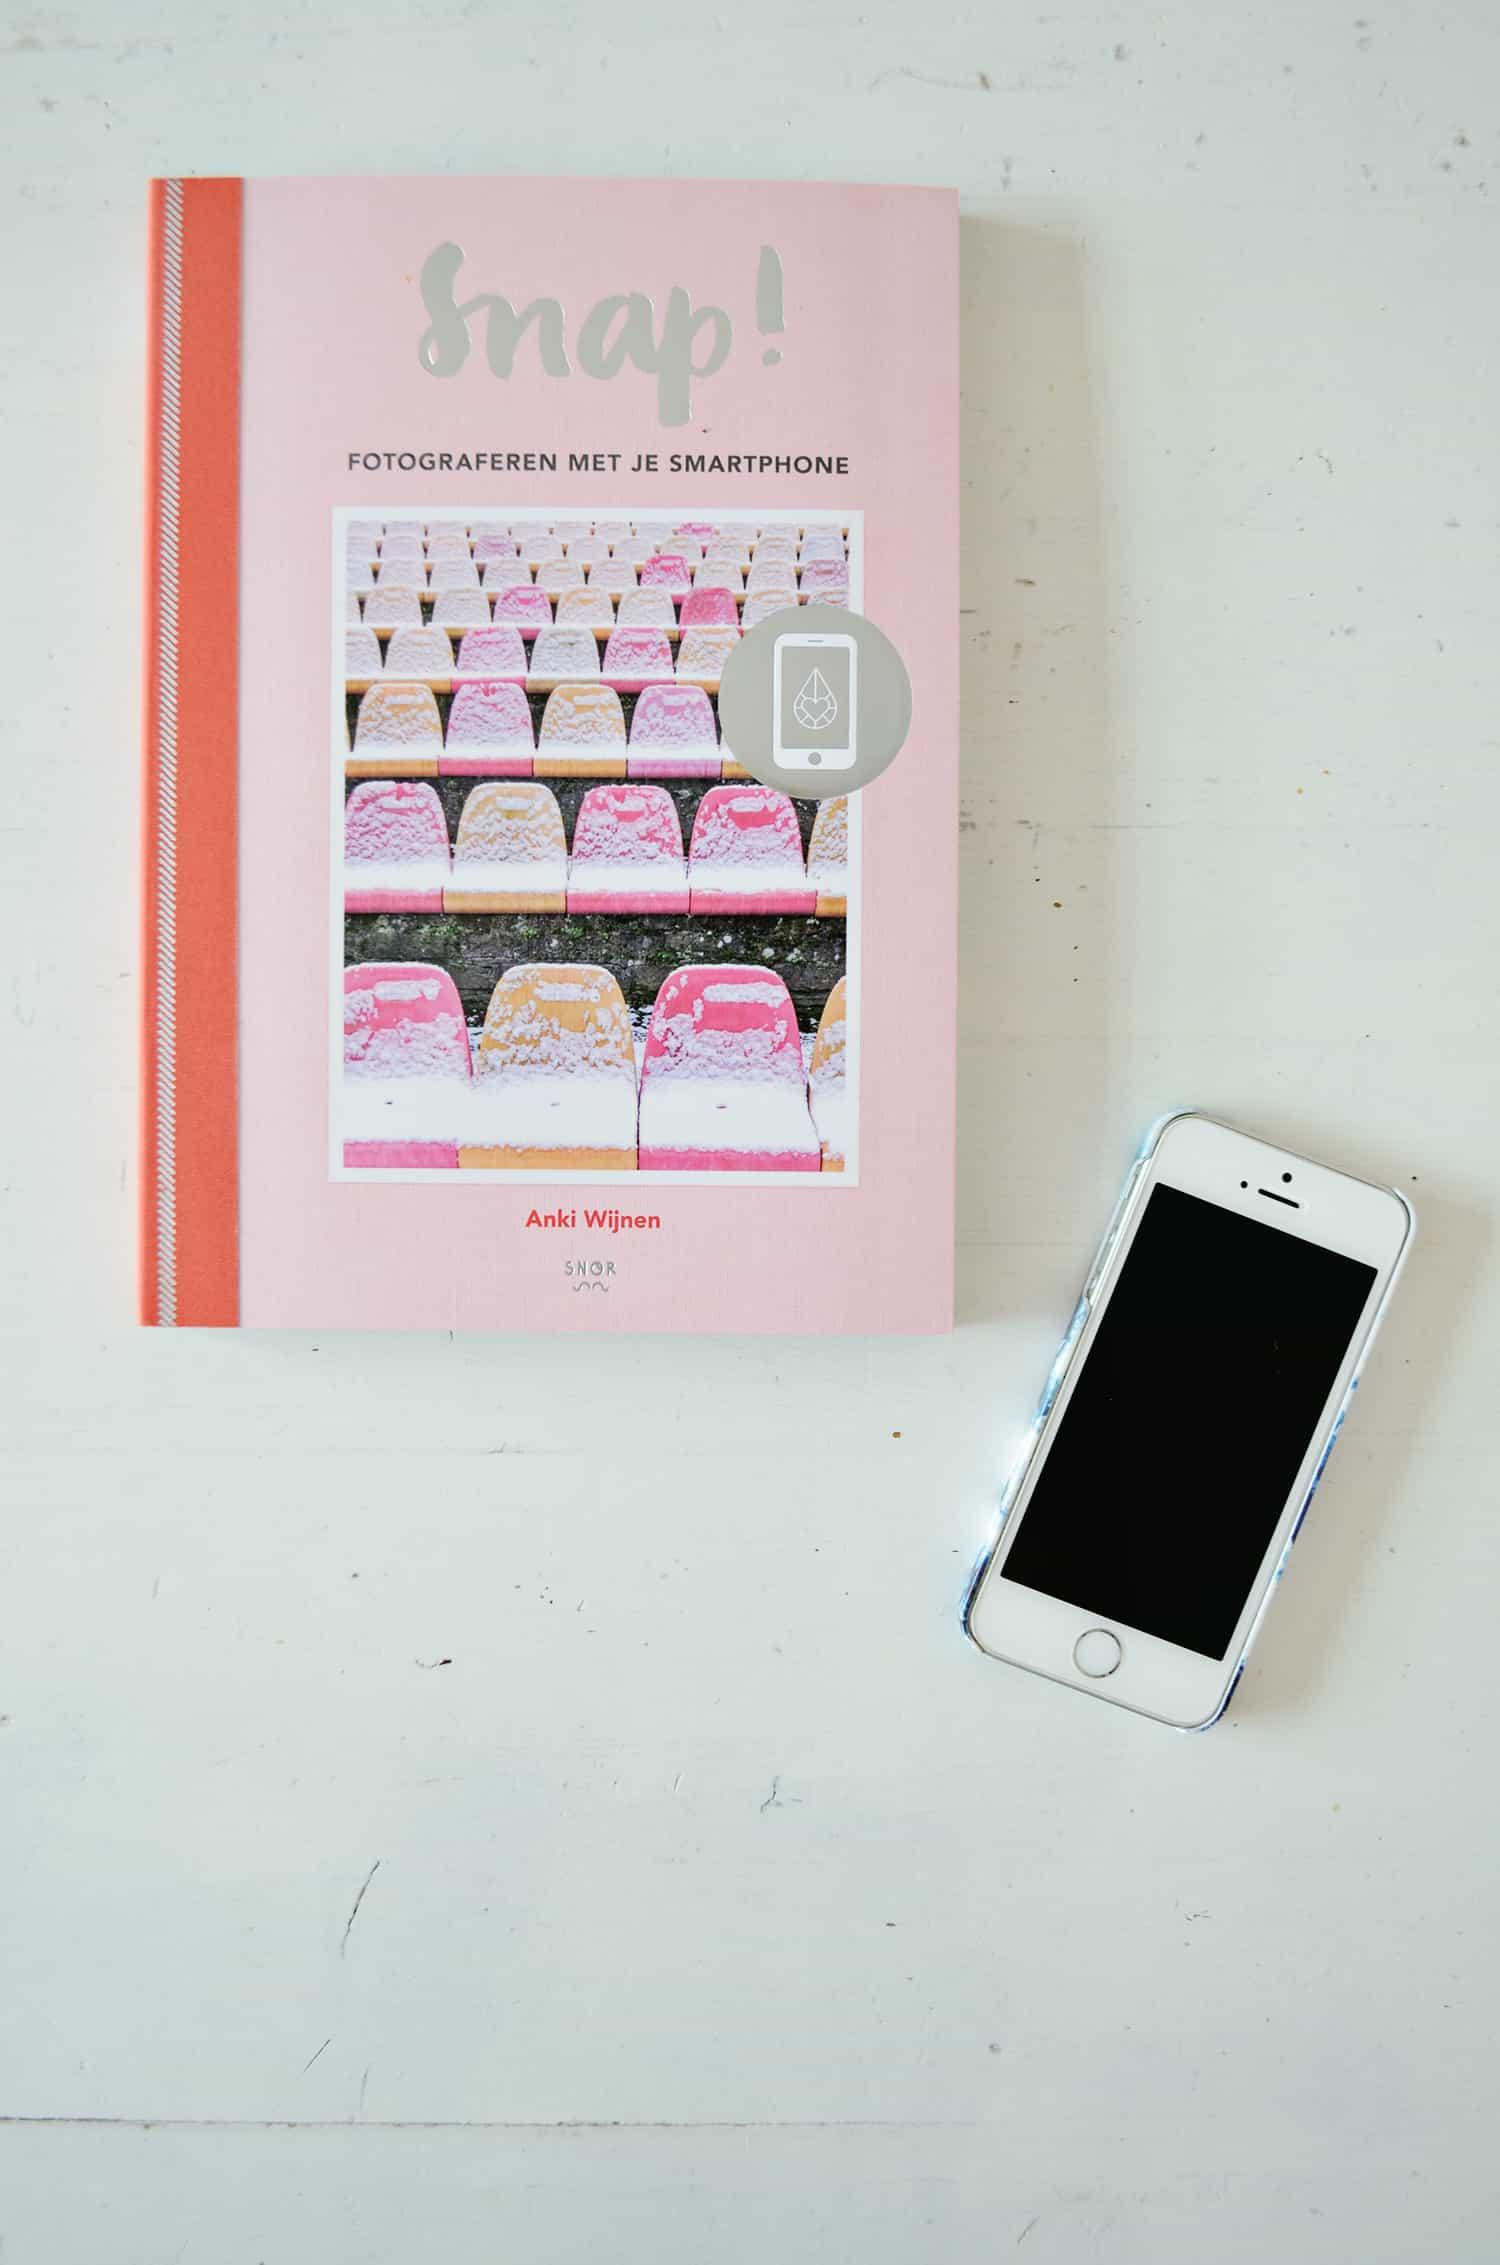 Boek review: Snap! Fotograferen met je smartphone